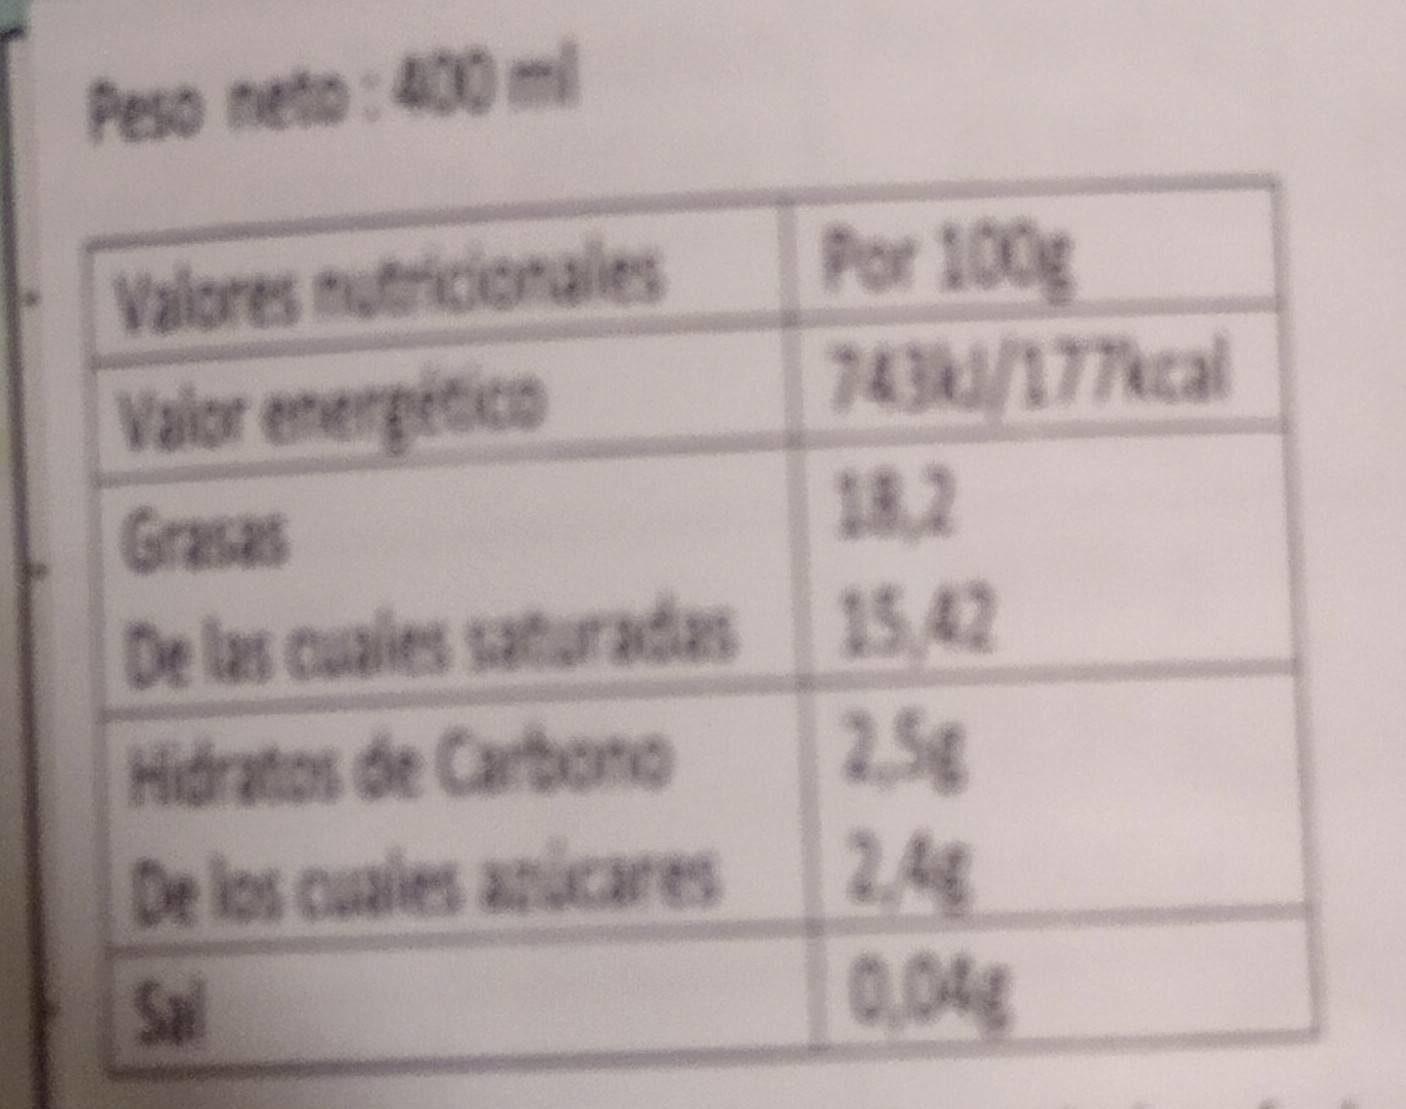 Thai coco - Información nutricional - es